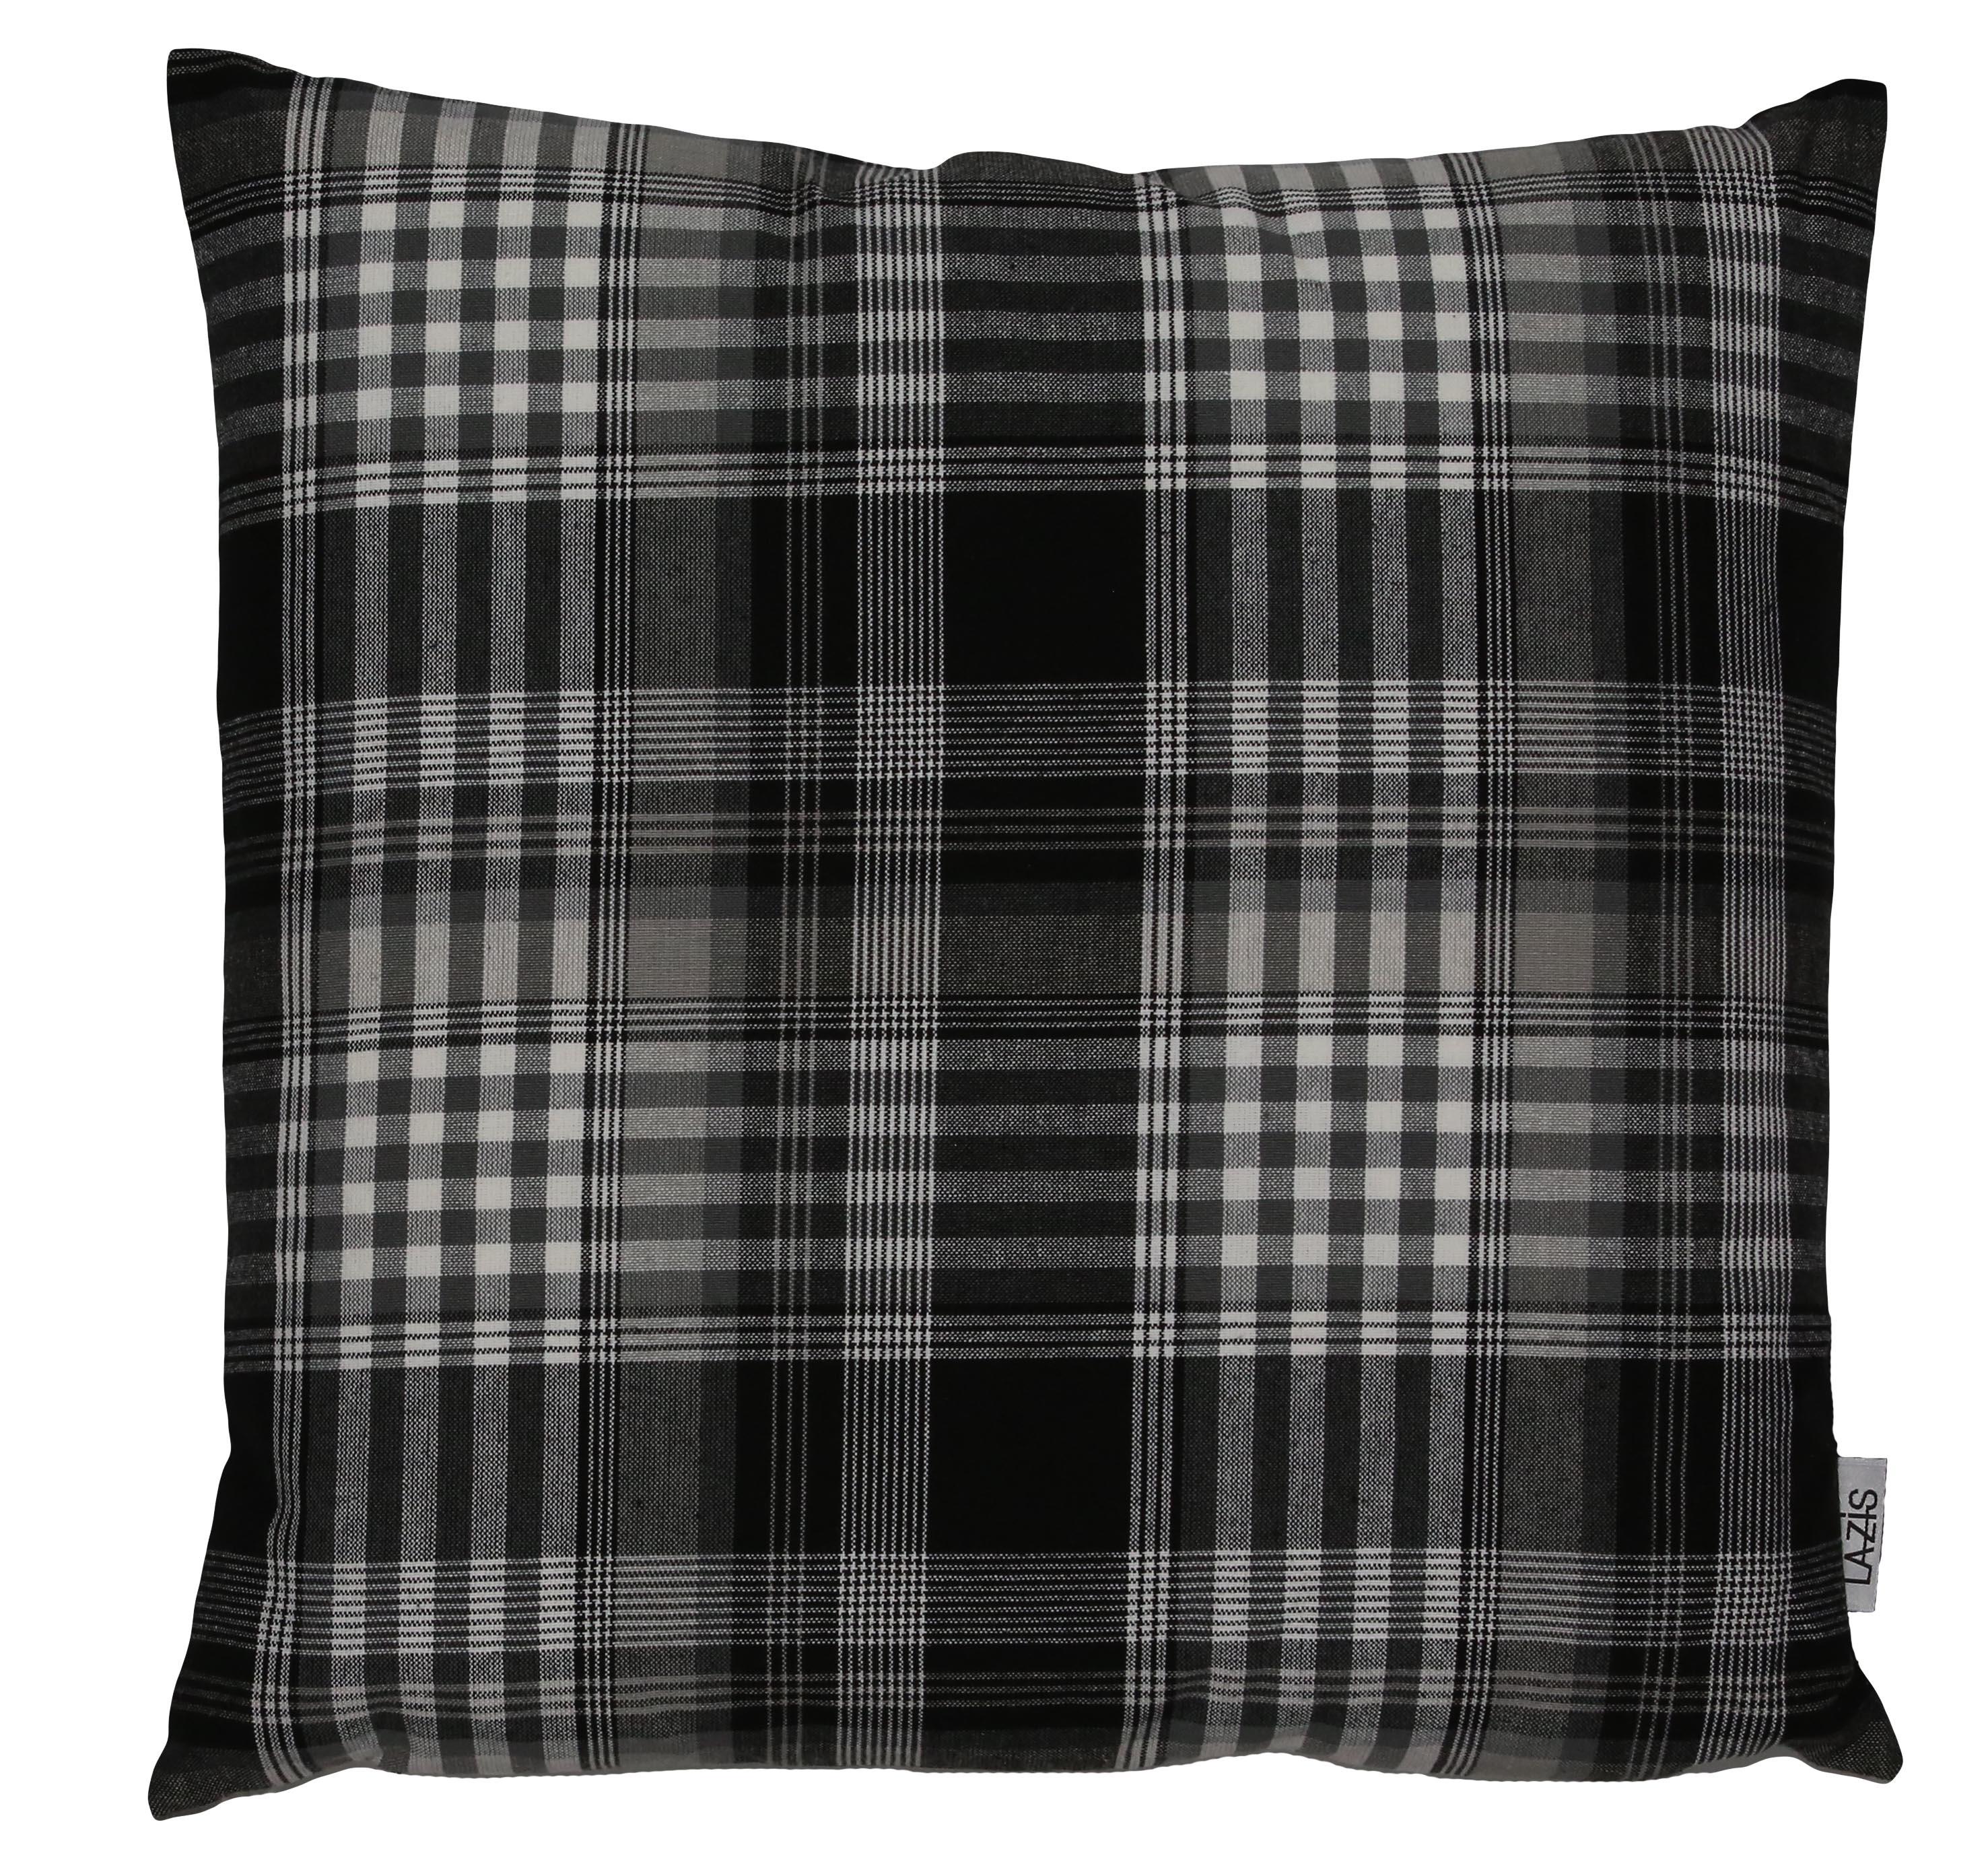 kissenh lle boeffie 45x45 lazis. Black Bedroom Furniture Sets. Home Design Ideas